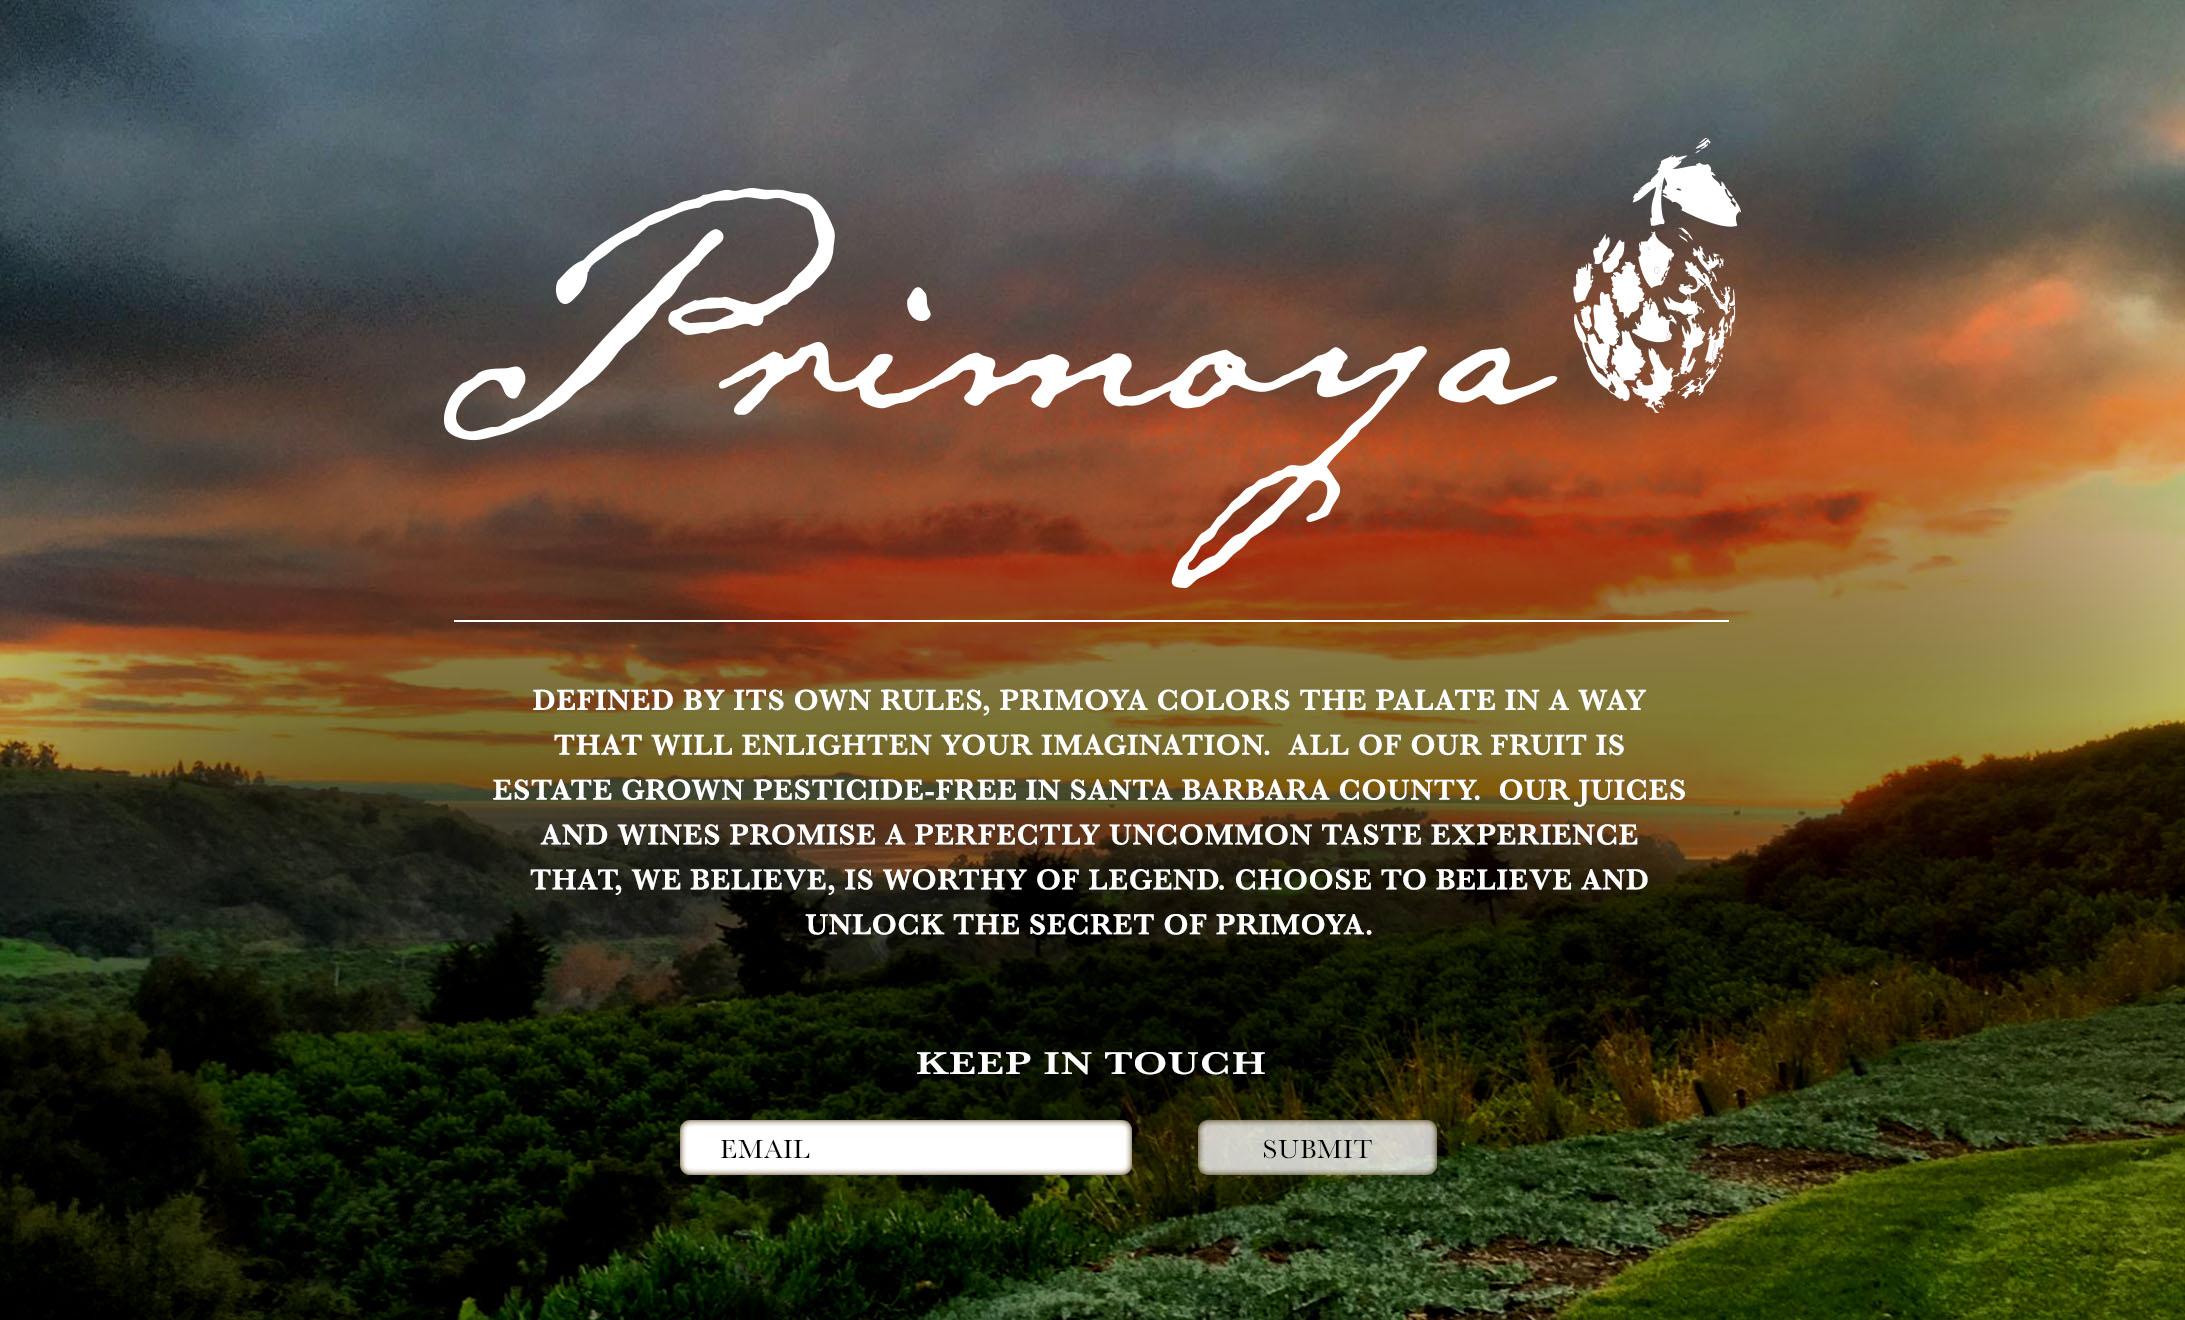 PRIMOYA